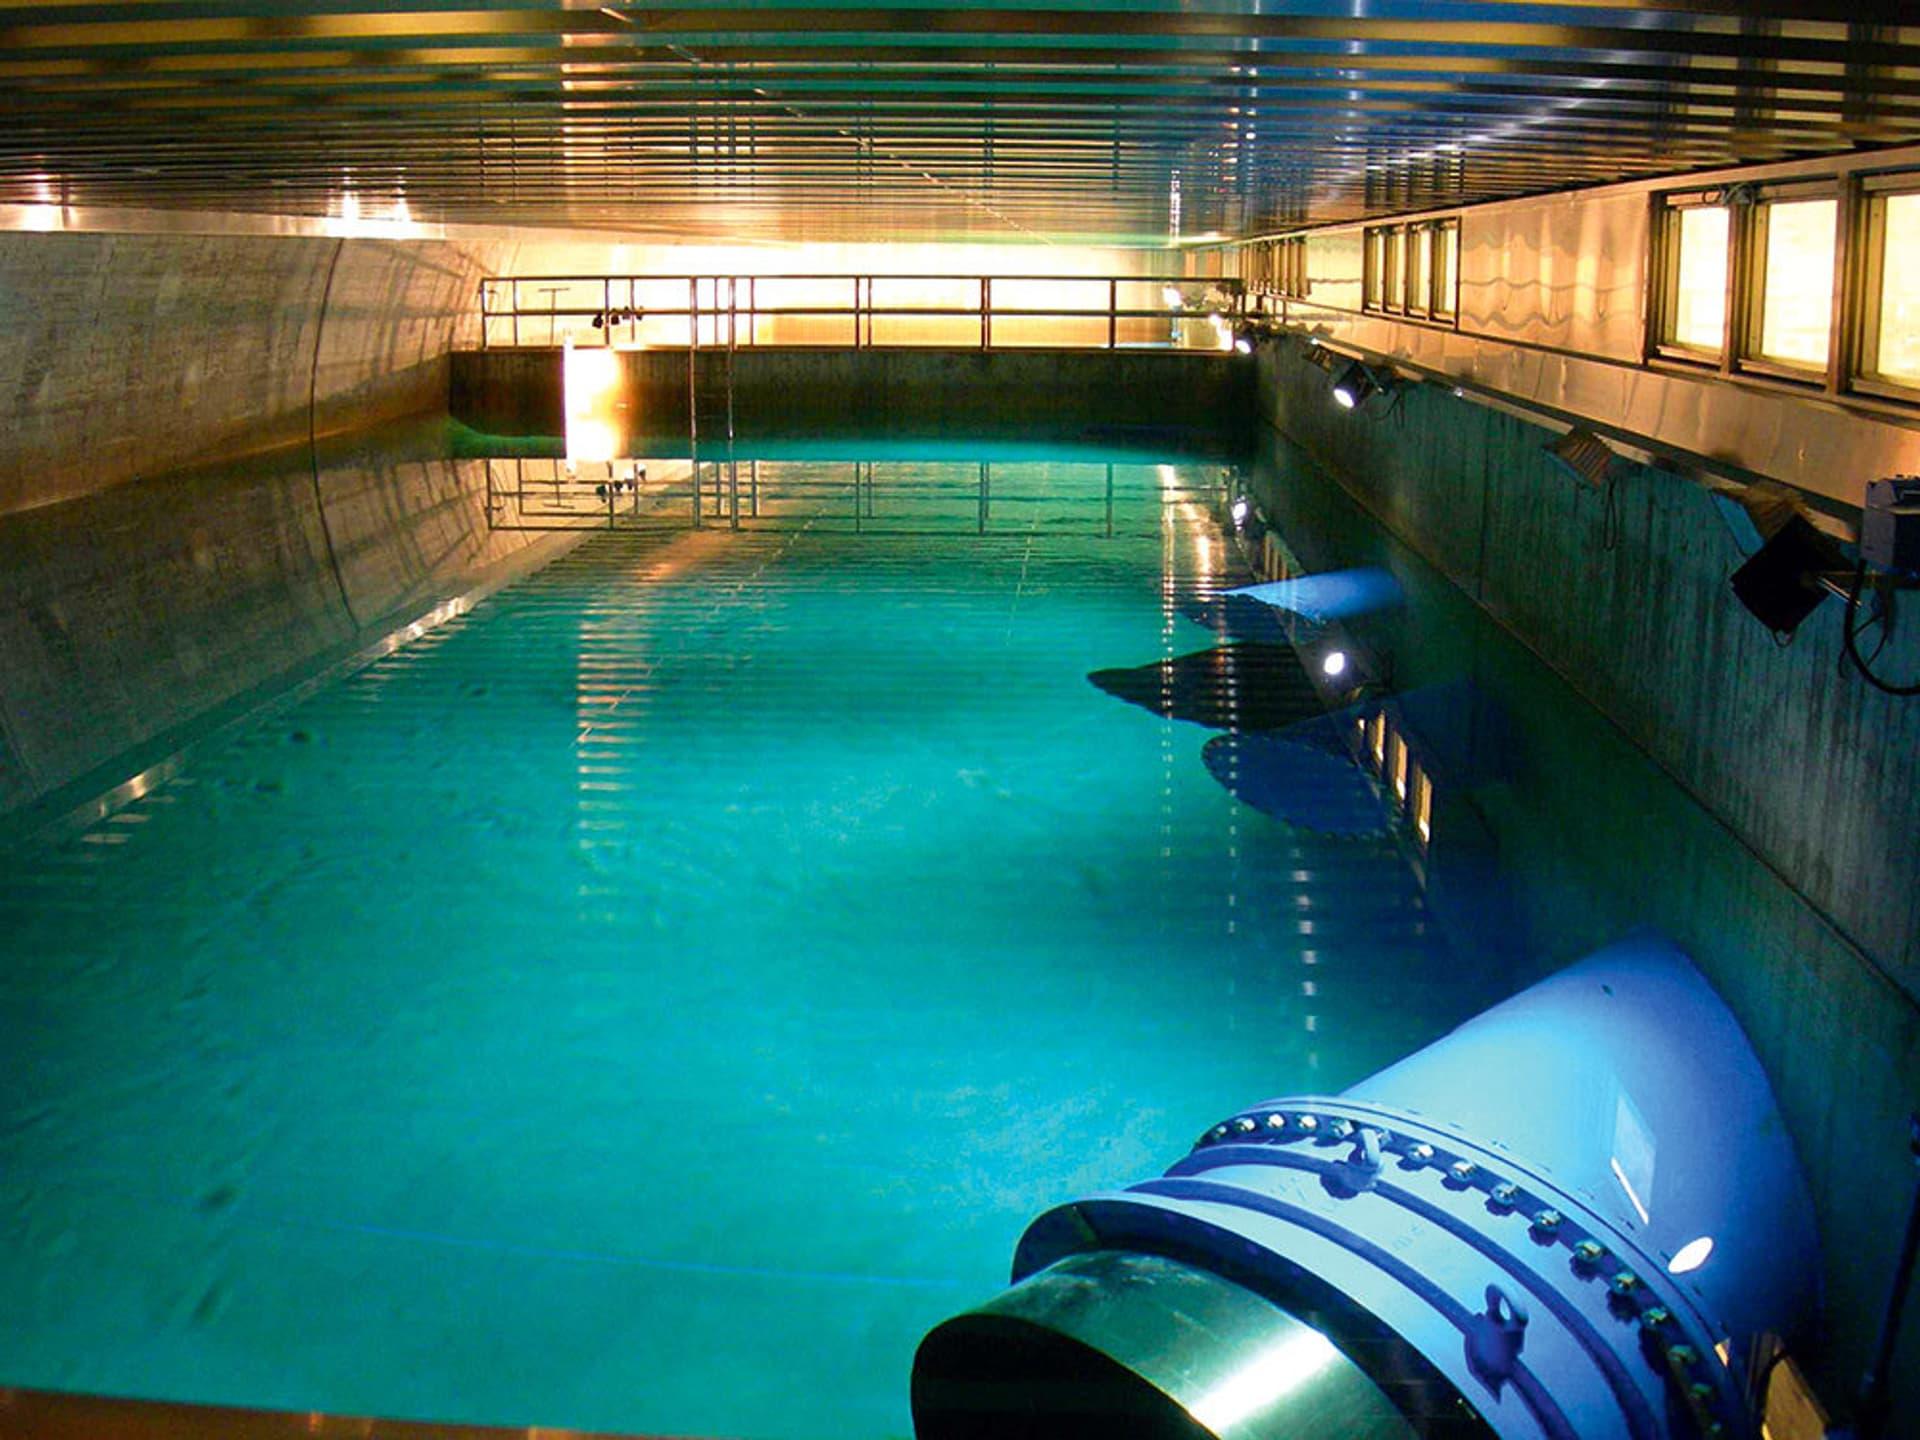 Blau-grün schimmerndes Wasser im Bassin eines Wasserwerks.